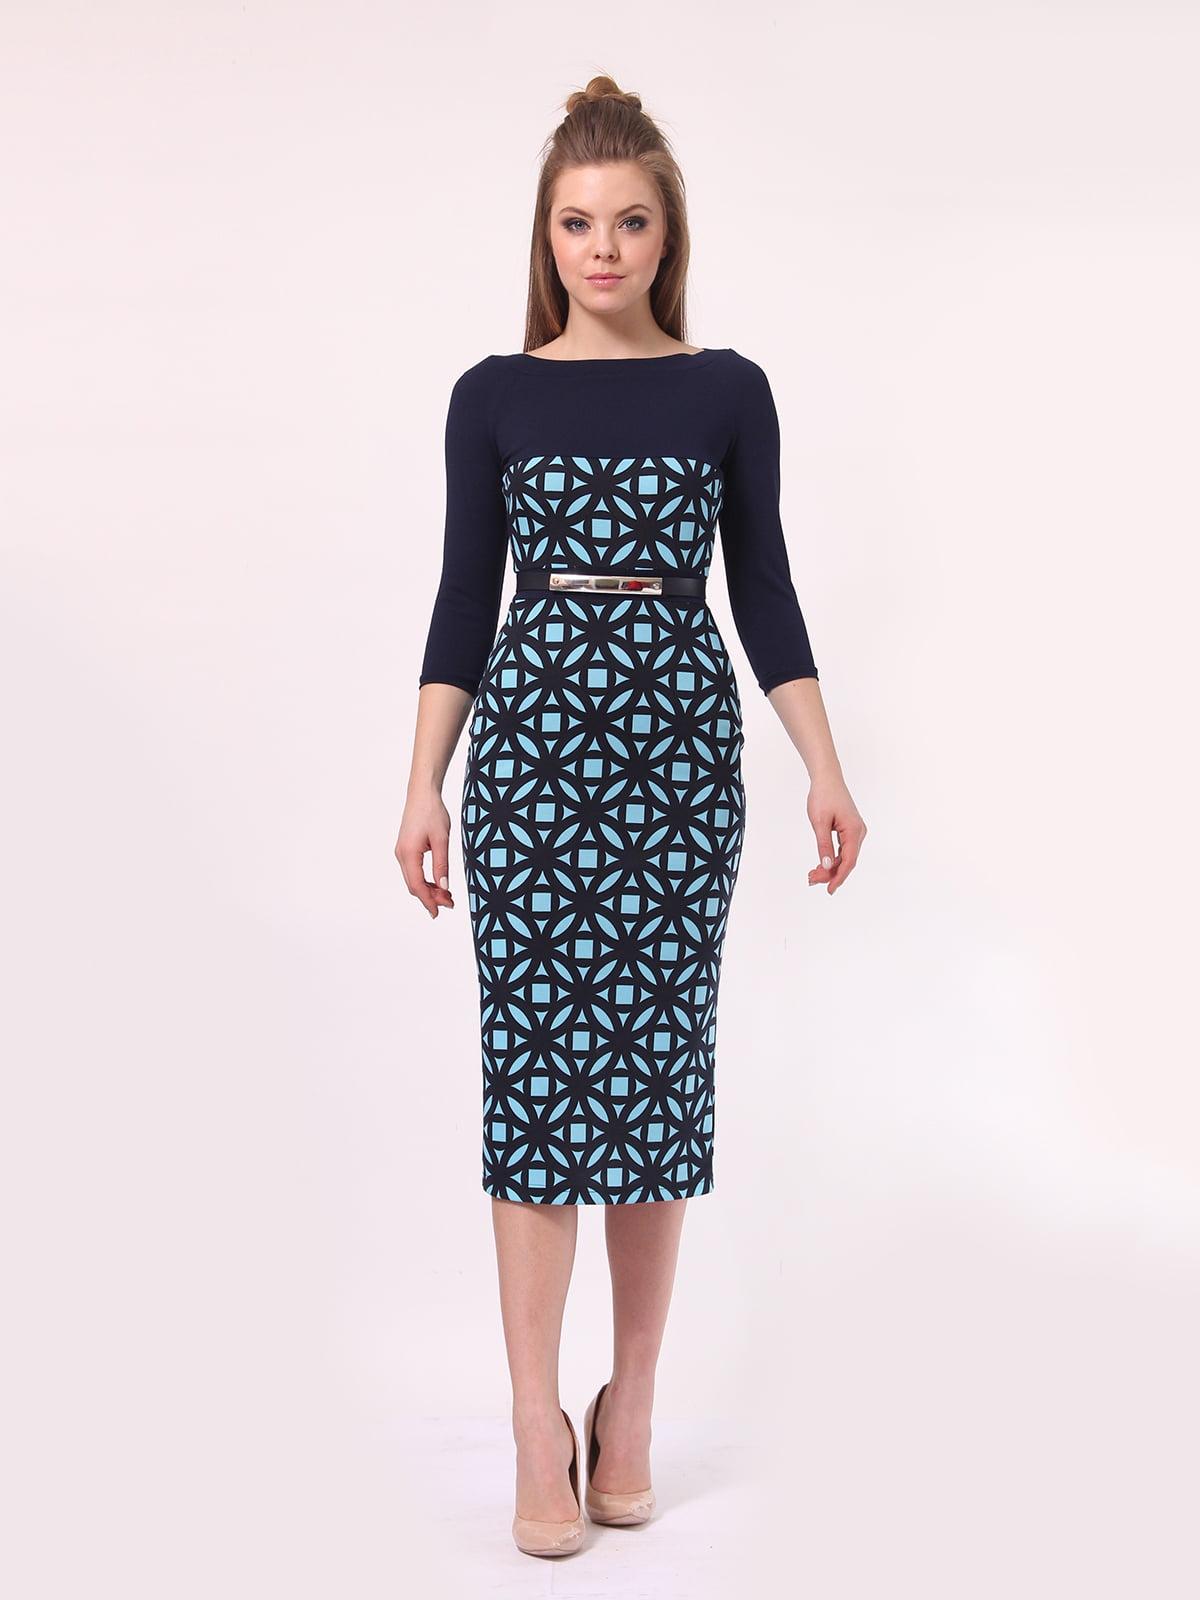 Платье темно-синее в голубой принт | 4142232 | фото 2